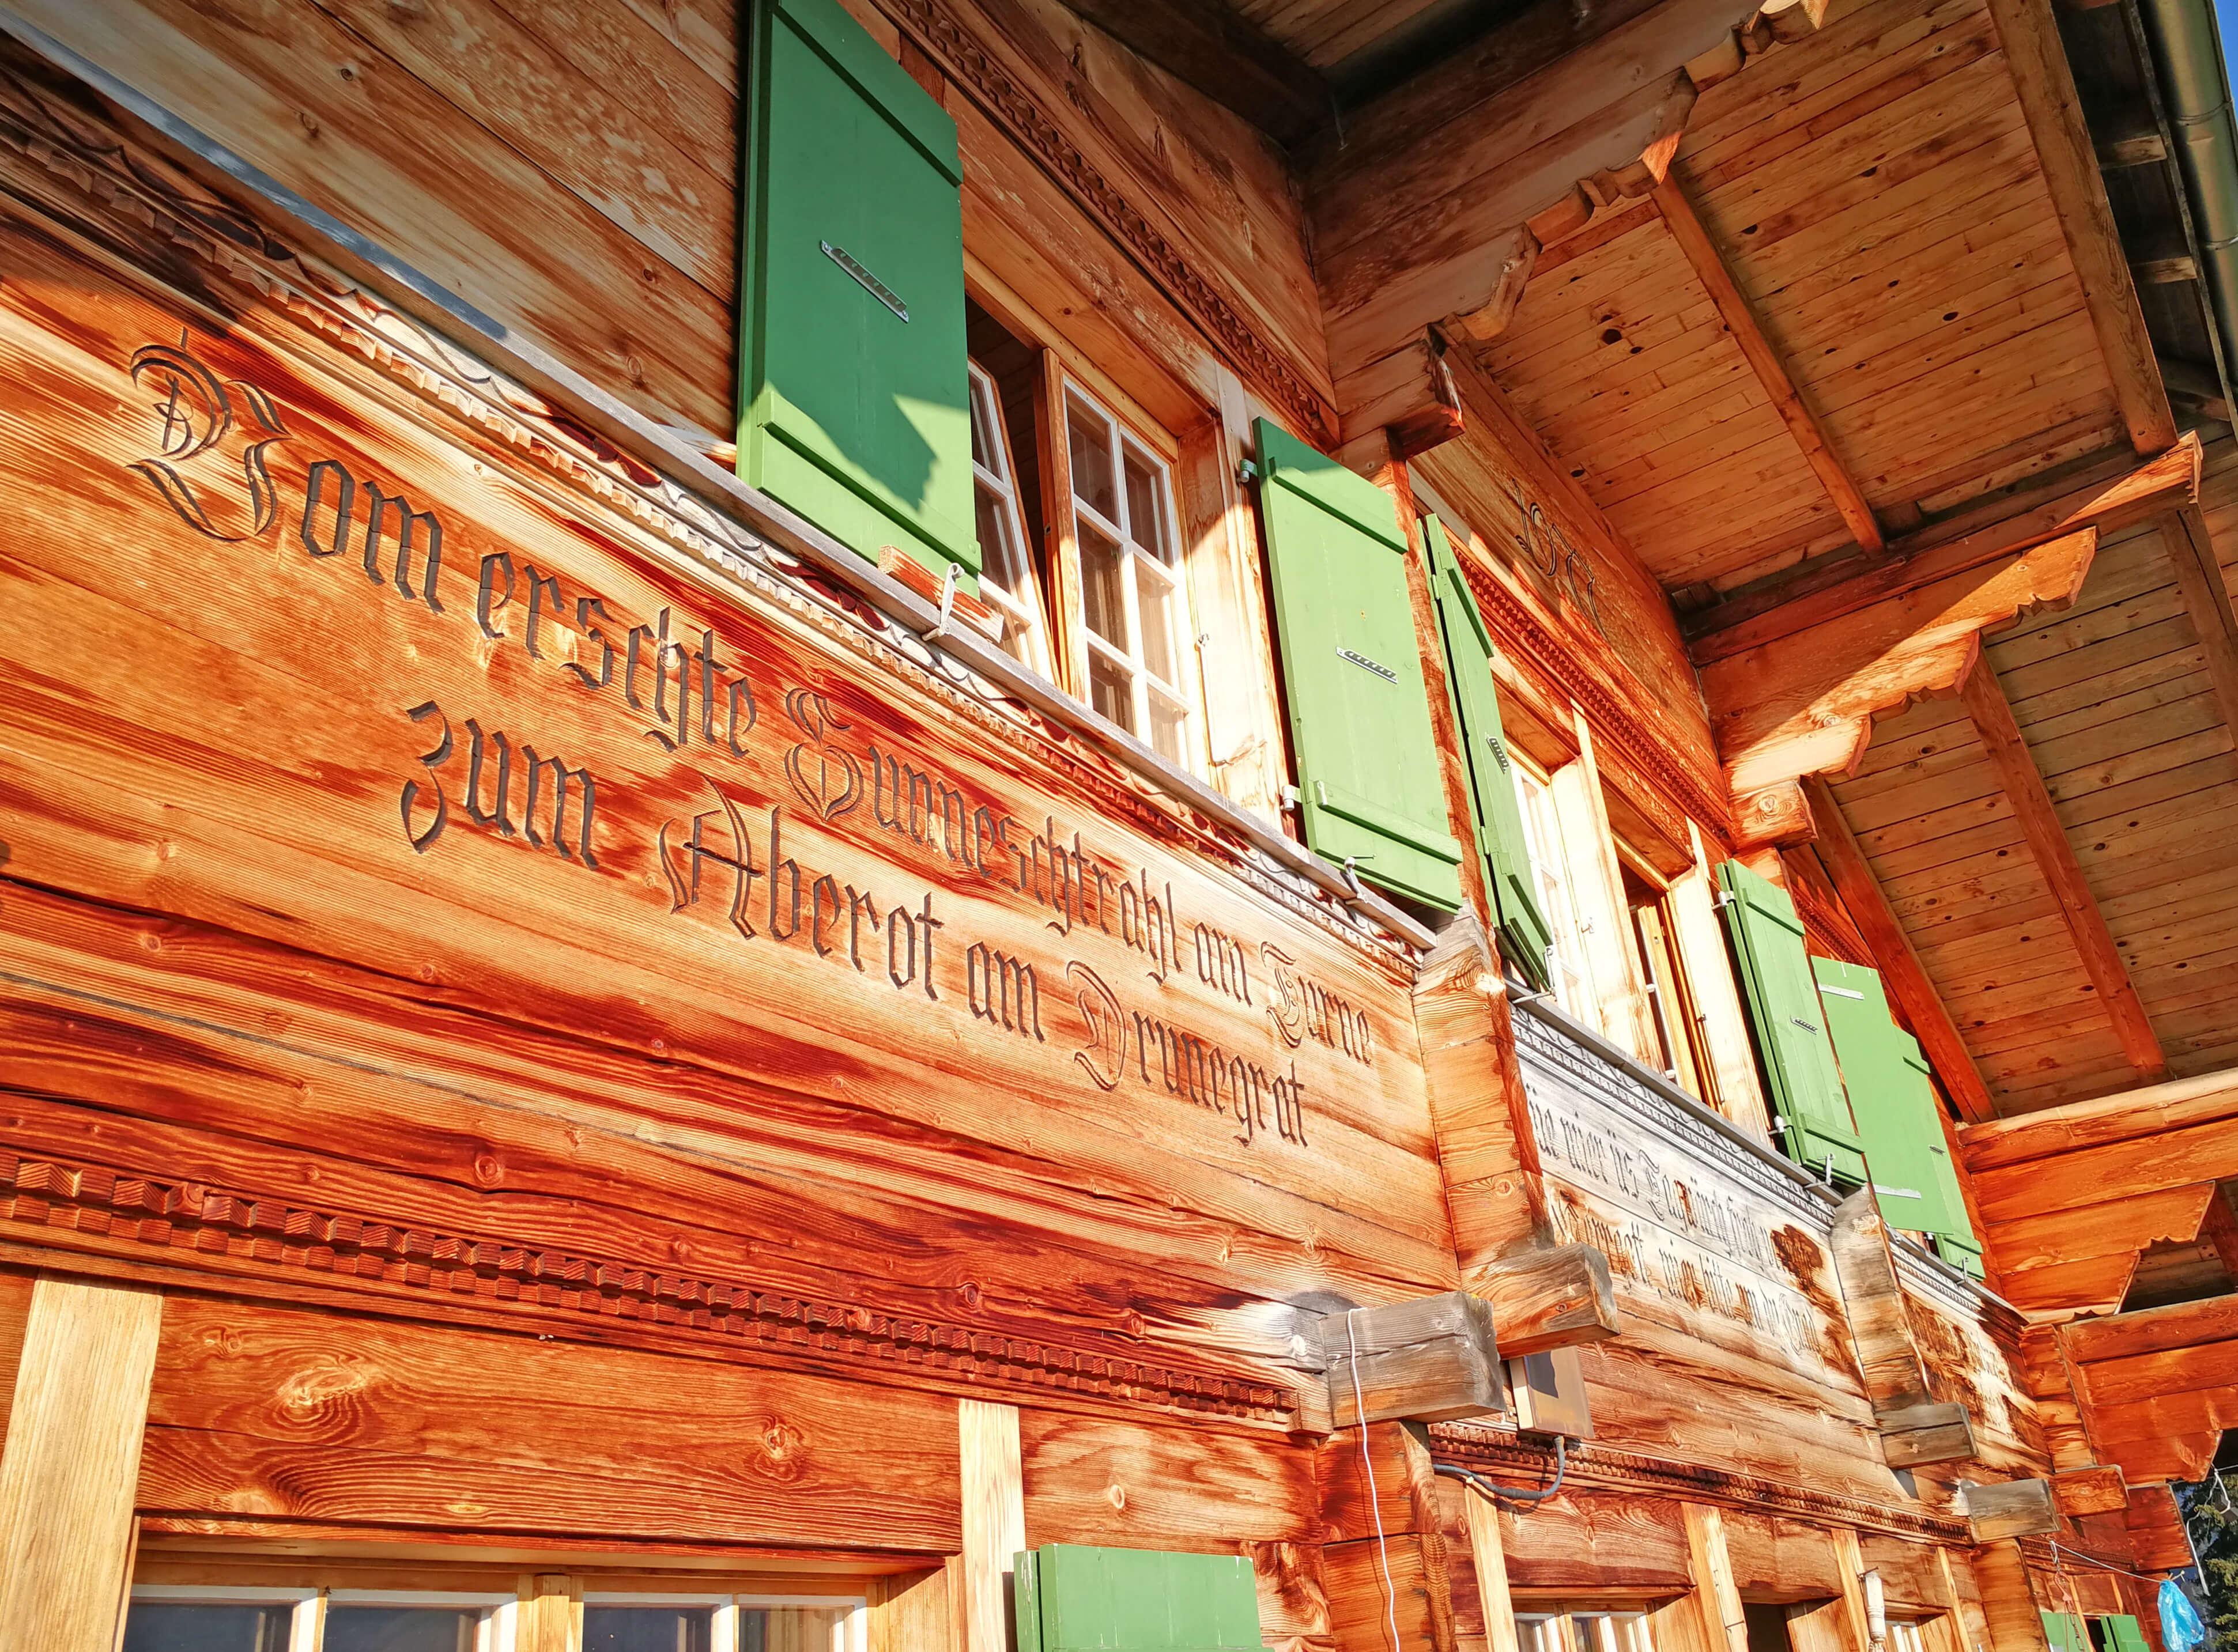 Sennhütte Menigwald Haus alte Schrift Balken